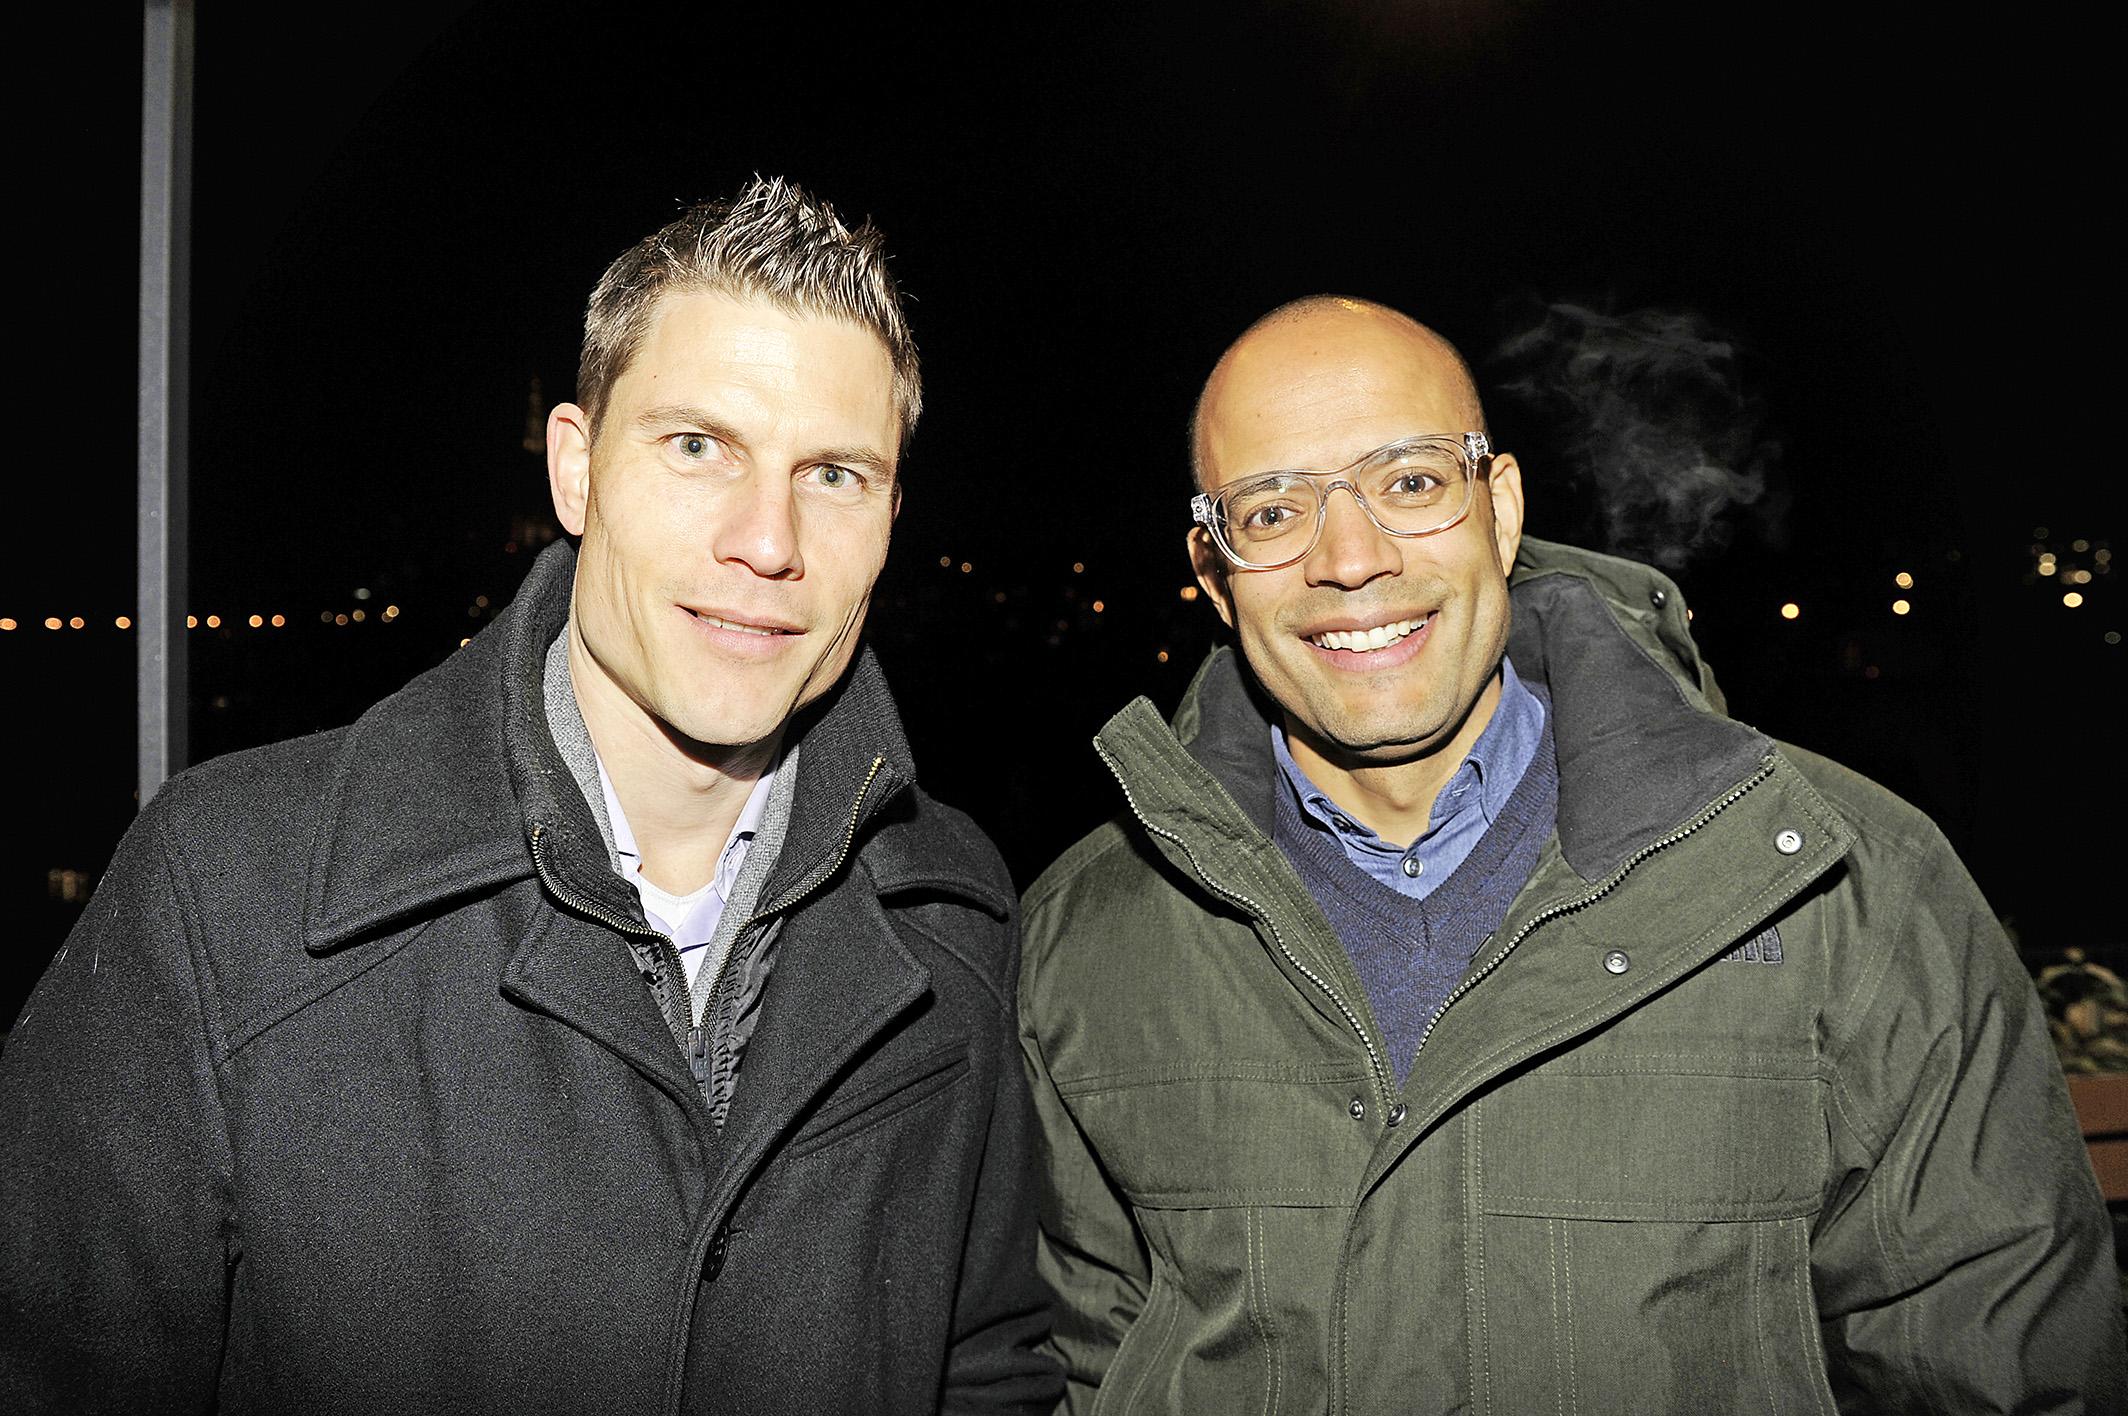 Christian Belz (ehemals Athlet Langstreckenläufer, links) und Cedric El-Idrissi (ehemals Athlet 400 Meter Hürdenlauf)